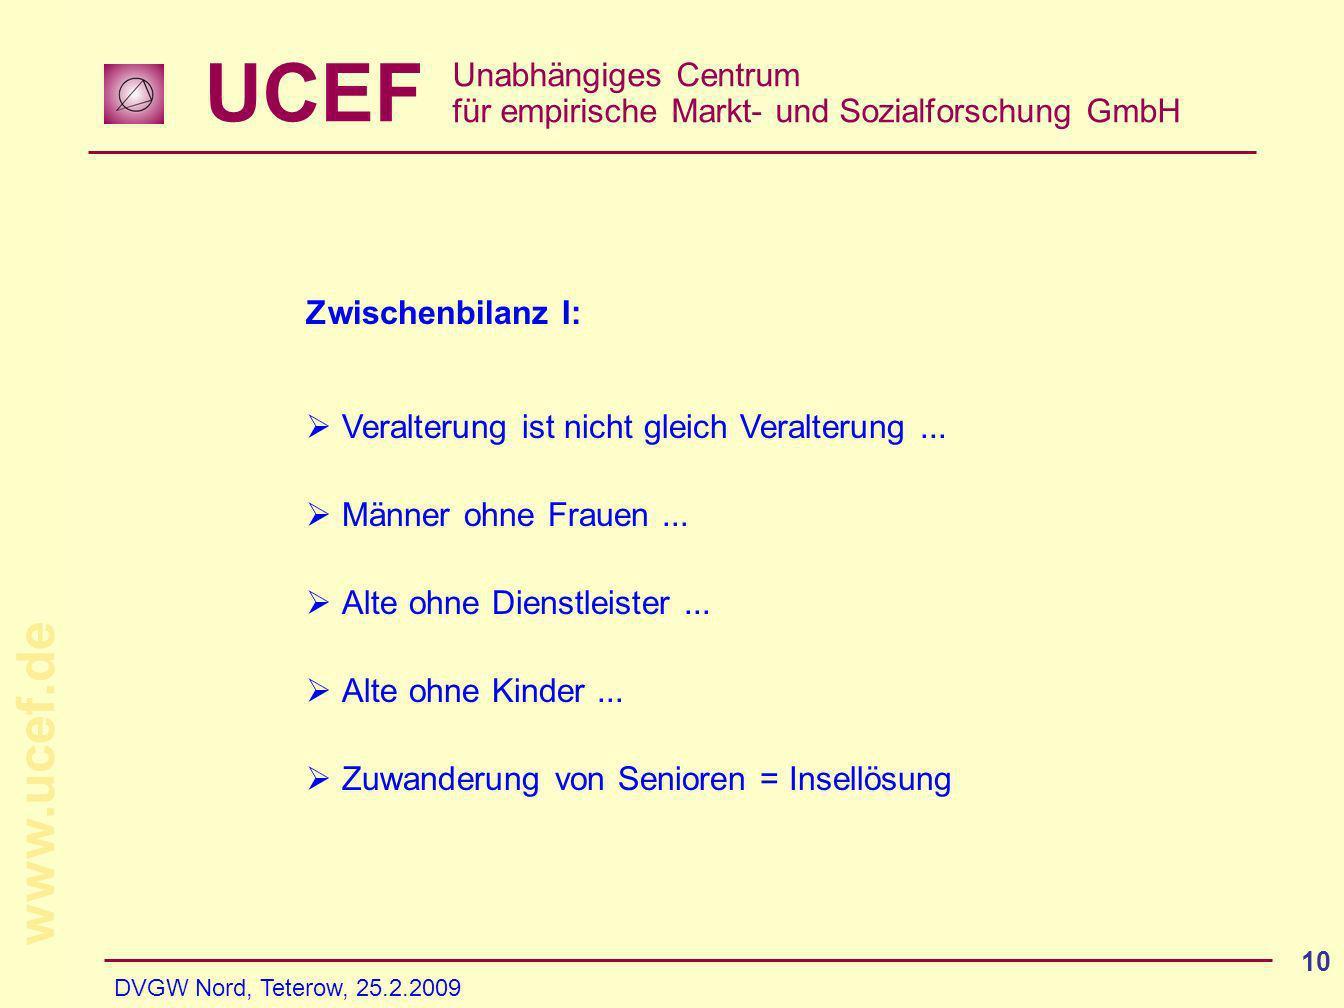 UCEF Unabhängiges Centrum für empirische Markt- und Sozialforschung GmbH www.ucef.de DVGW Nord, Teterow, 25.2.2009 10 Zwischenbilanz I: Veralterung is